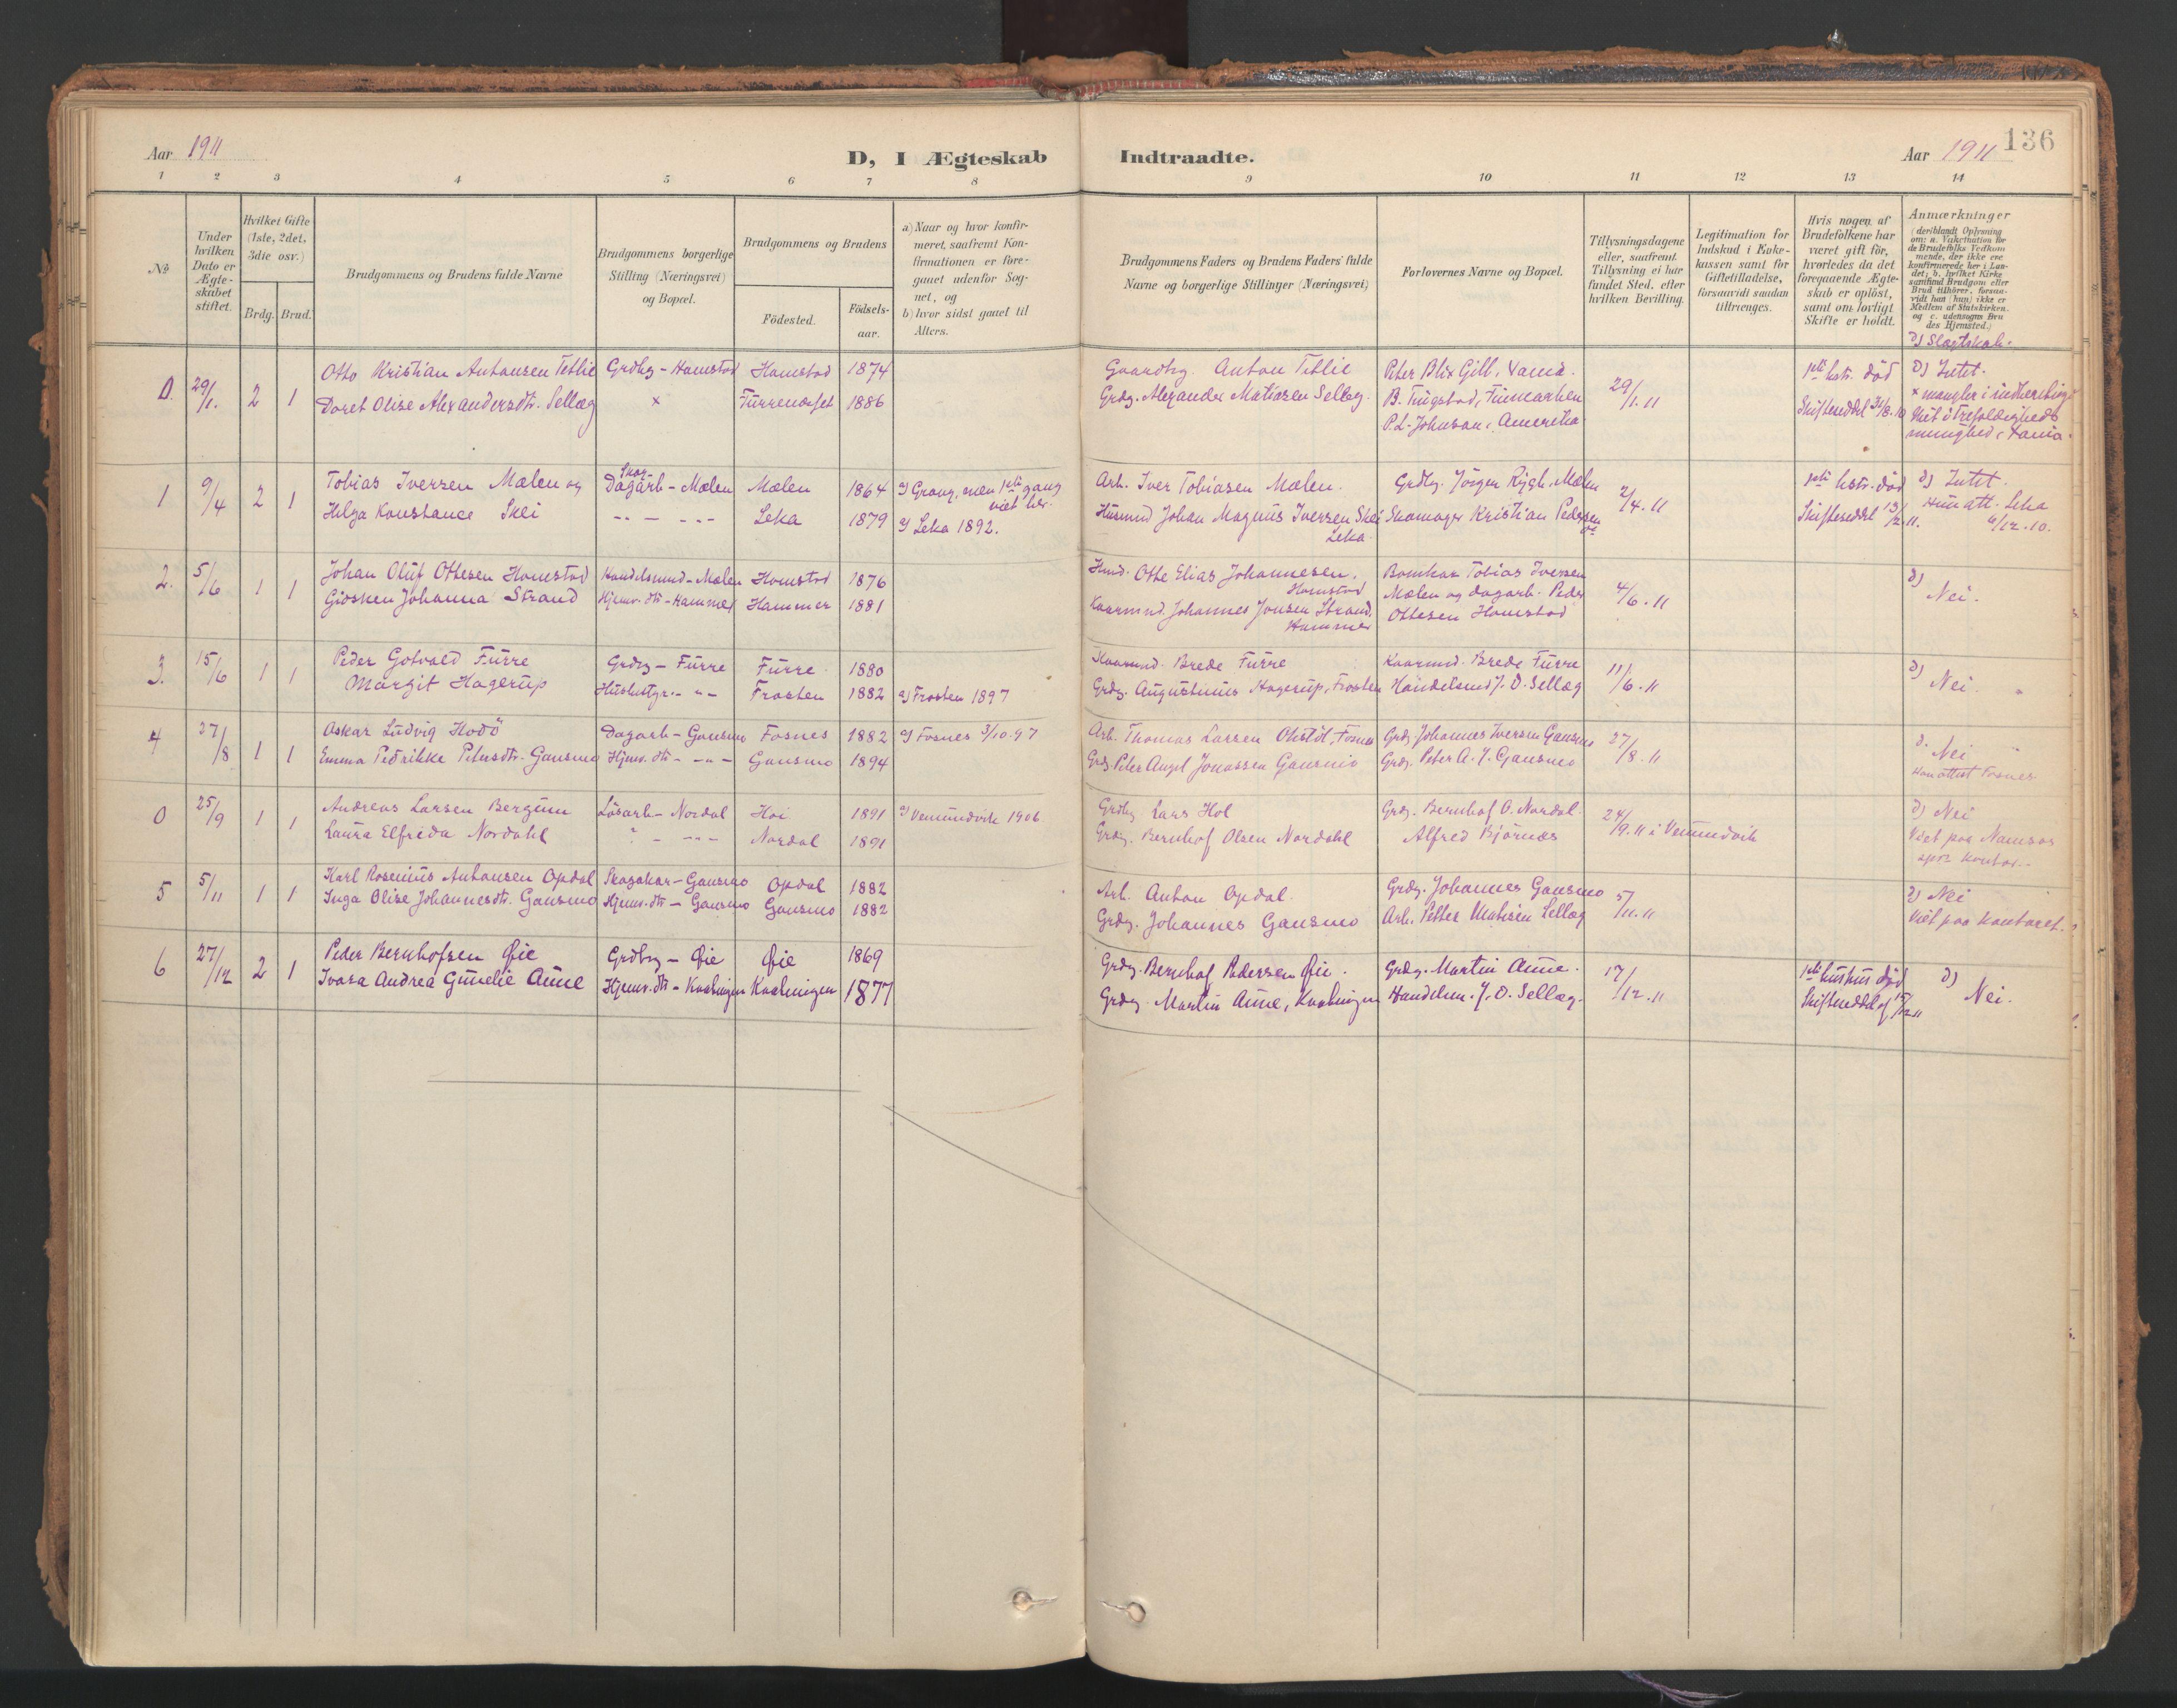 SAT, Ministerialprotokoller, klokkerbøker og fødselsregistre - Nord-Trøndelag, 766/L0564: Ministerialbok nr. 767A02, 1900-1932, s. 136